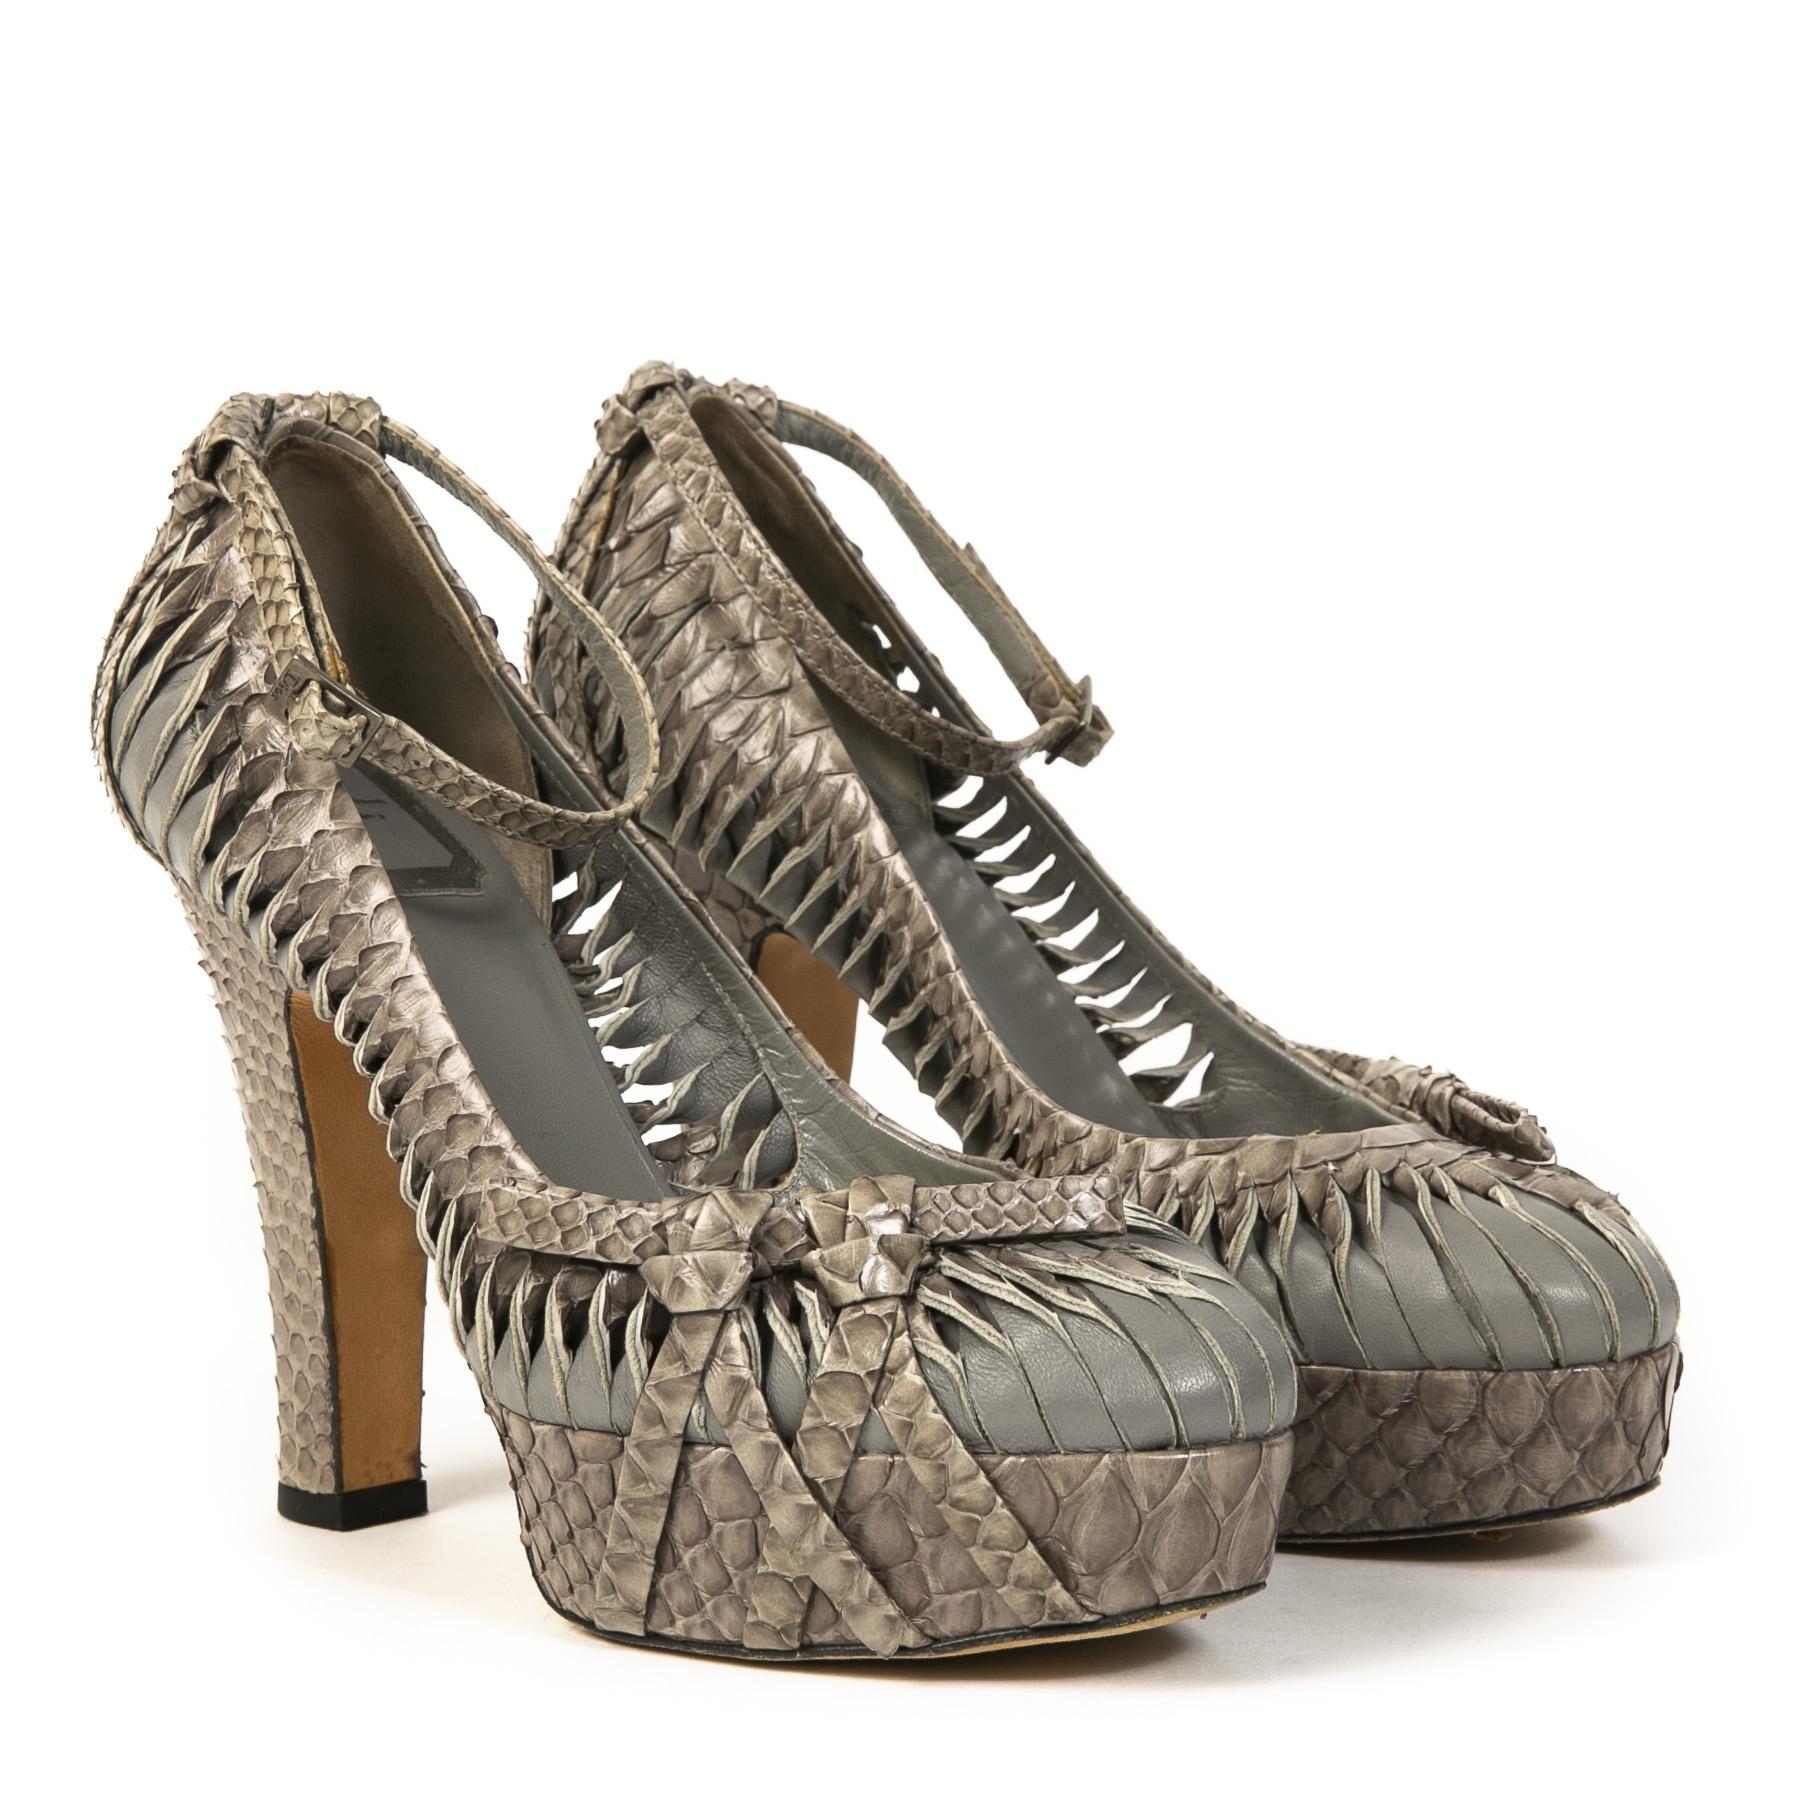 Authentieke Tweedehands Christian Dior Grey Croco Platform High Heels juiste prijs veilig online shoppen luxe merken webshop winkelen Antwerpen België mode fashion